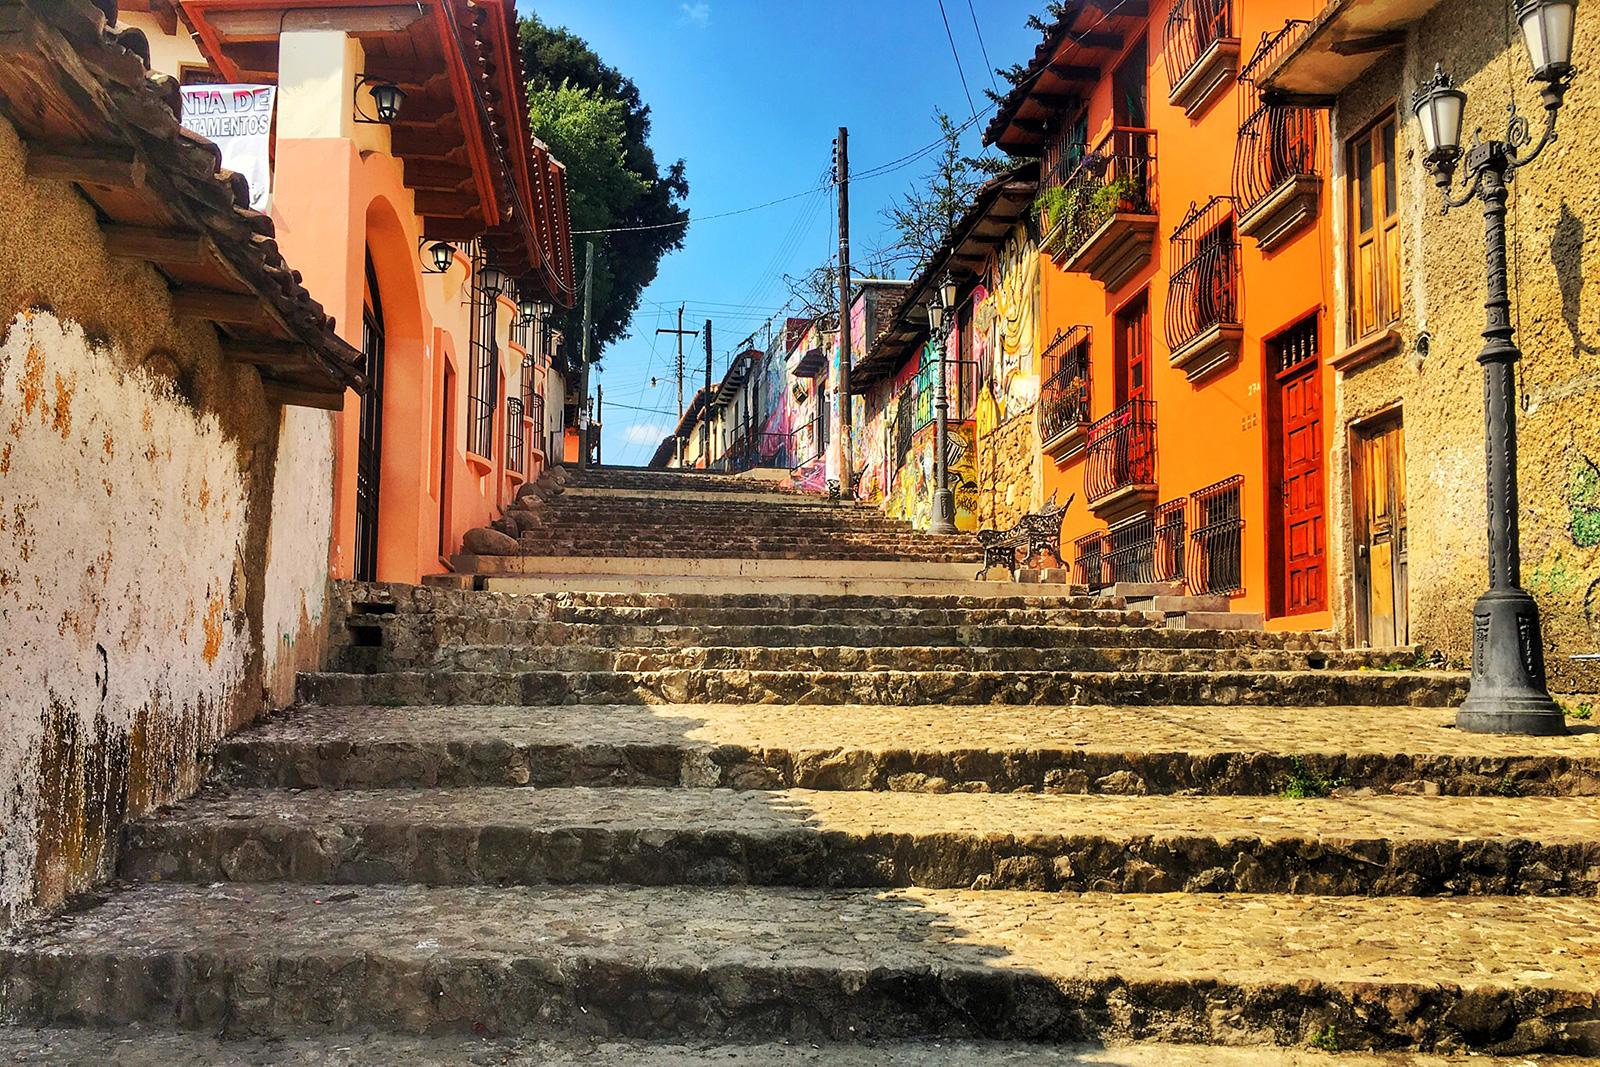 Staircase of San Cristóbal de las Casas, Chiapas